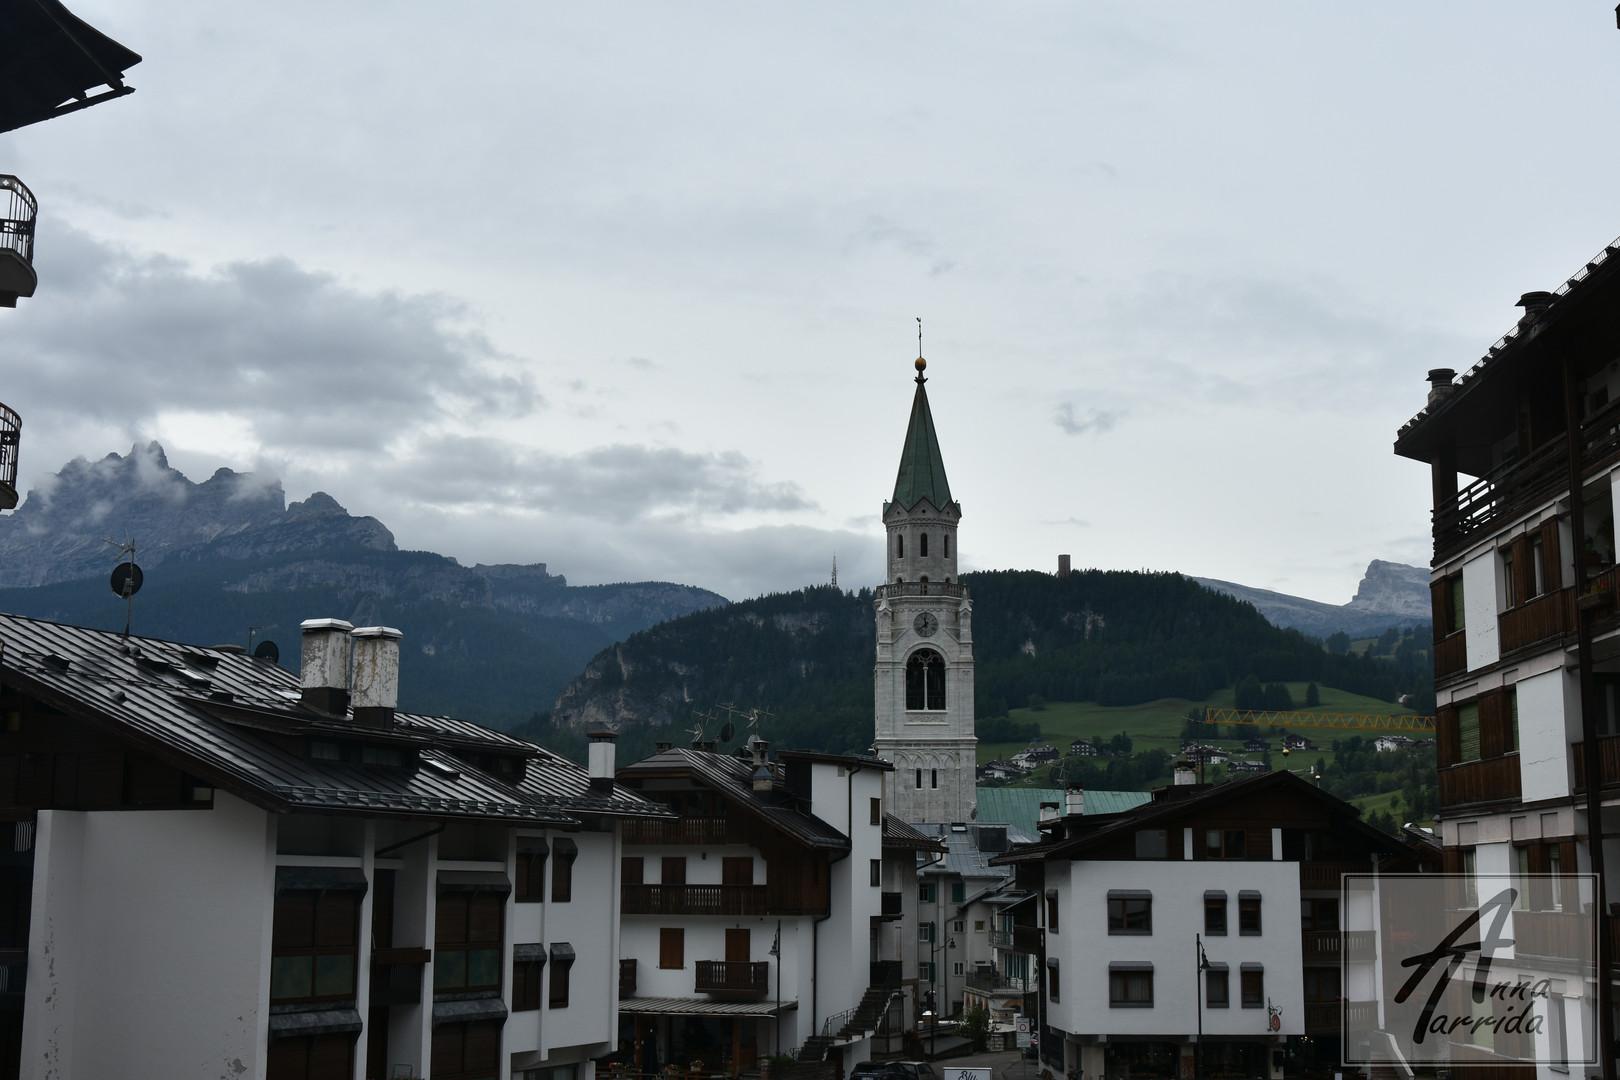 Cortina d'Ampezzo (2).JPG